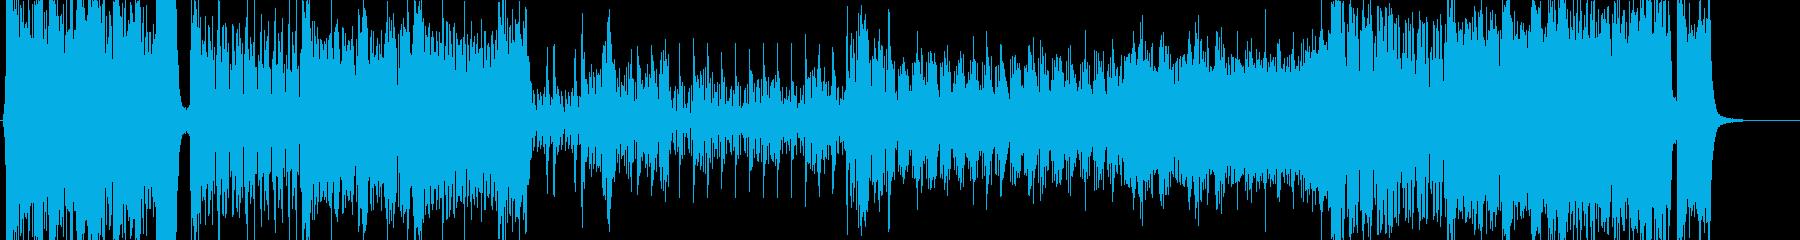 壮大な冒険の序曲=♬幕開け-オーケストラの再生済みの波形